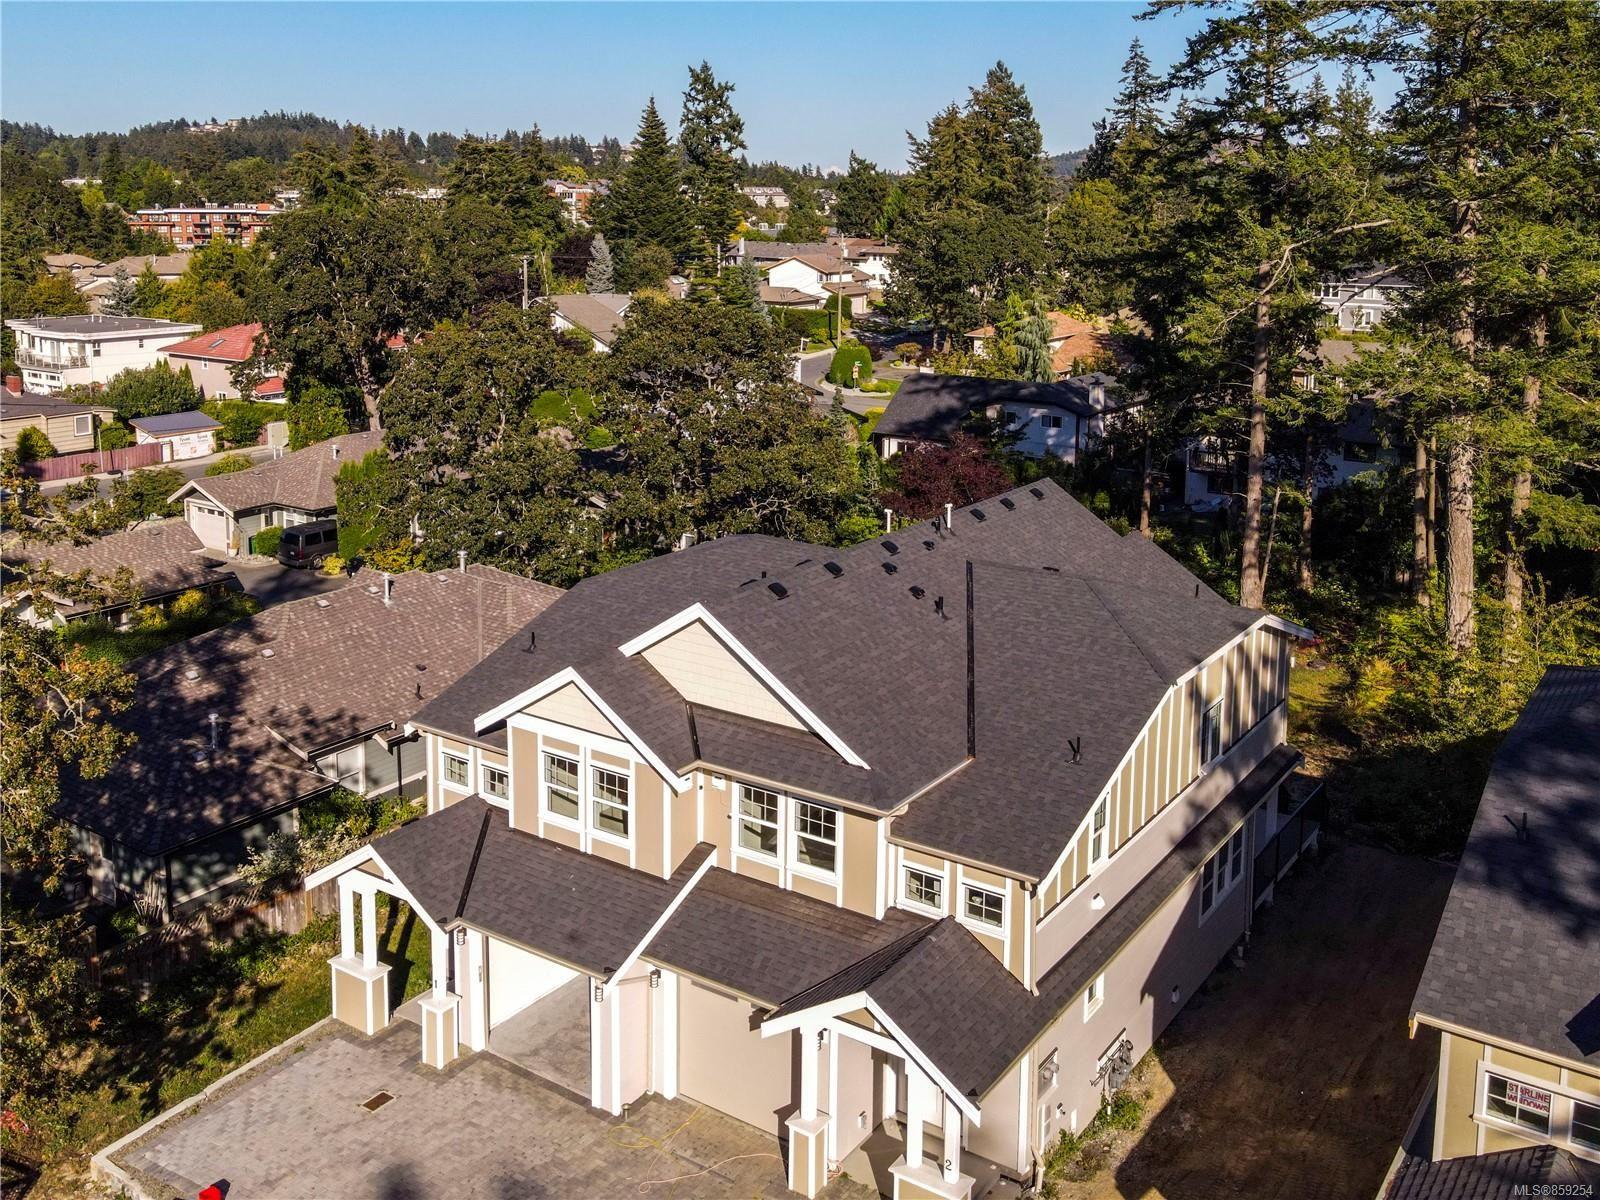 Main Photo: 6 4487 Wilkinson Rd in : SW Royal Oak Row/Townhouse for sale (Saanich West)  : MLS®# 859254